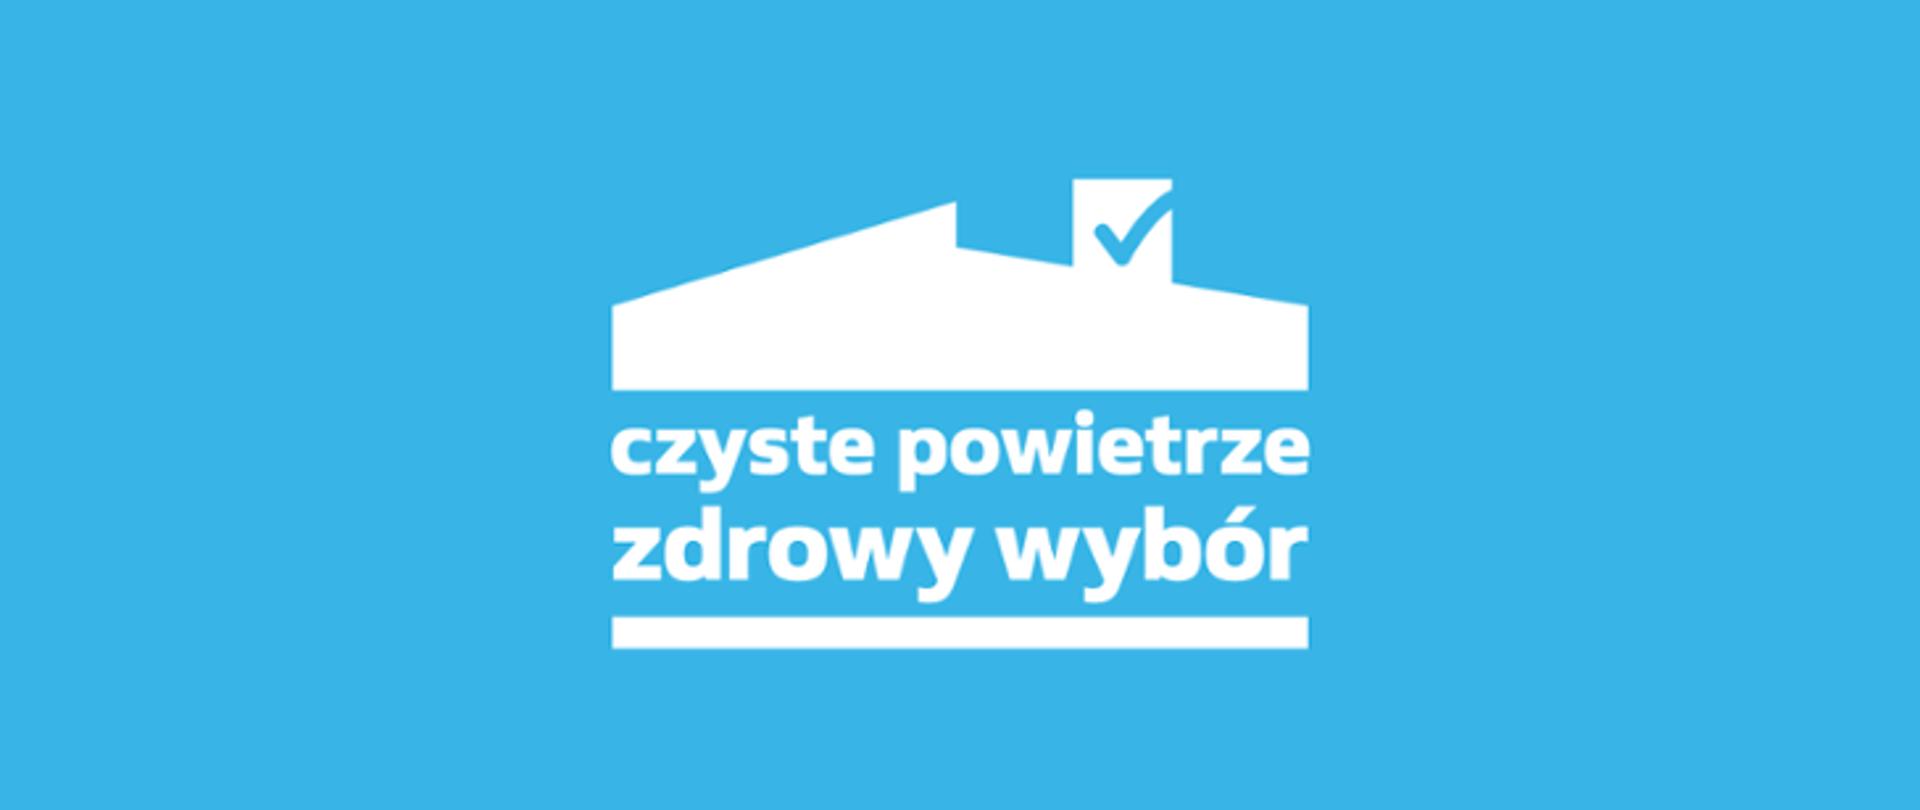 czyste_powietrze2.png